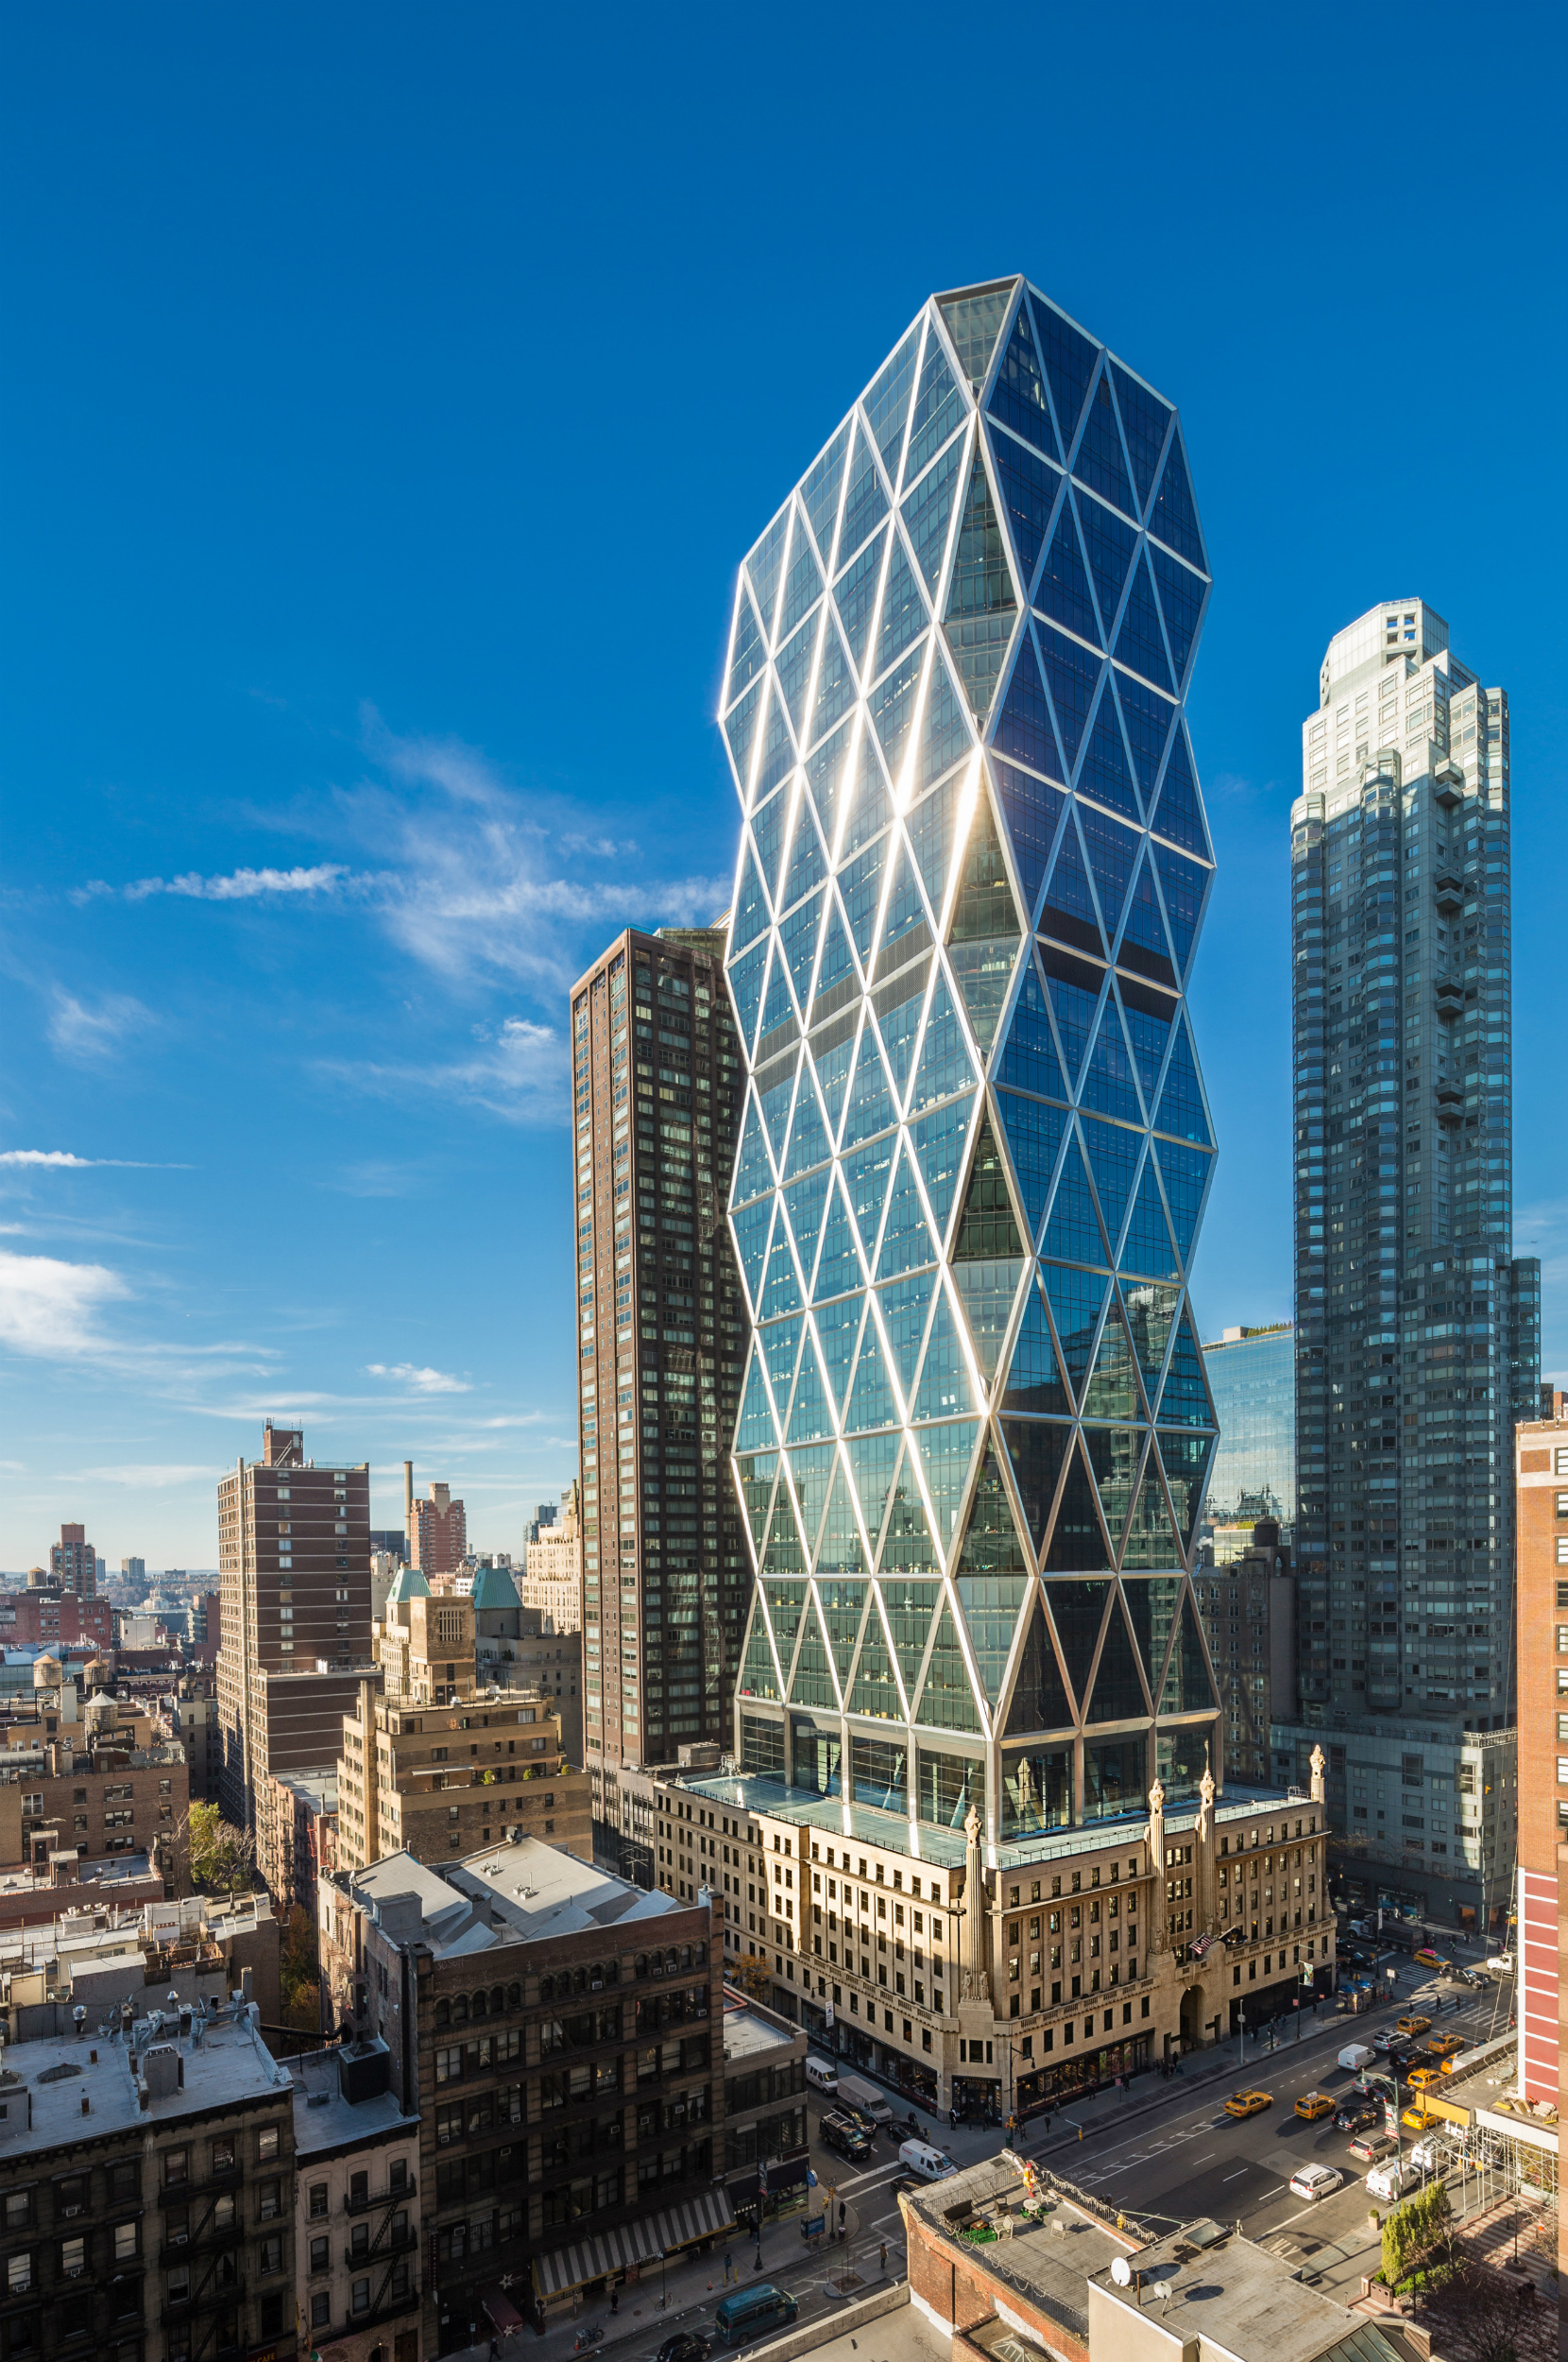 La Hearst Tower de Nueva York ha sido construida sobre la 'cáscara hueca' de un edificio de oficinas de 1928. Hearst Corporation. Foto cedida por The Council on Tall Buildings and Urban Habitat (CTBUH).